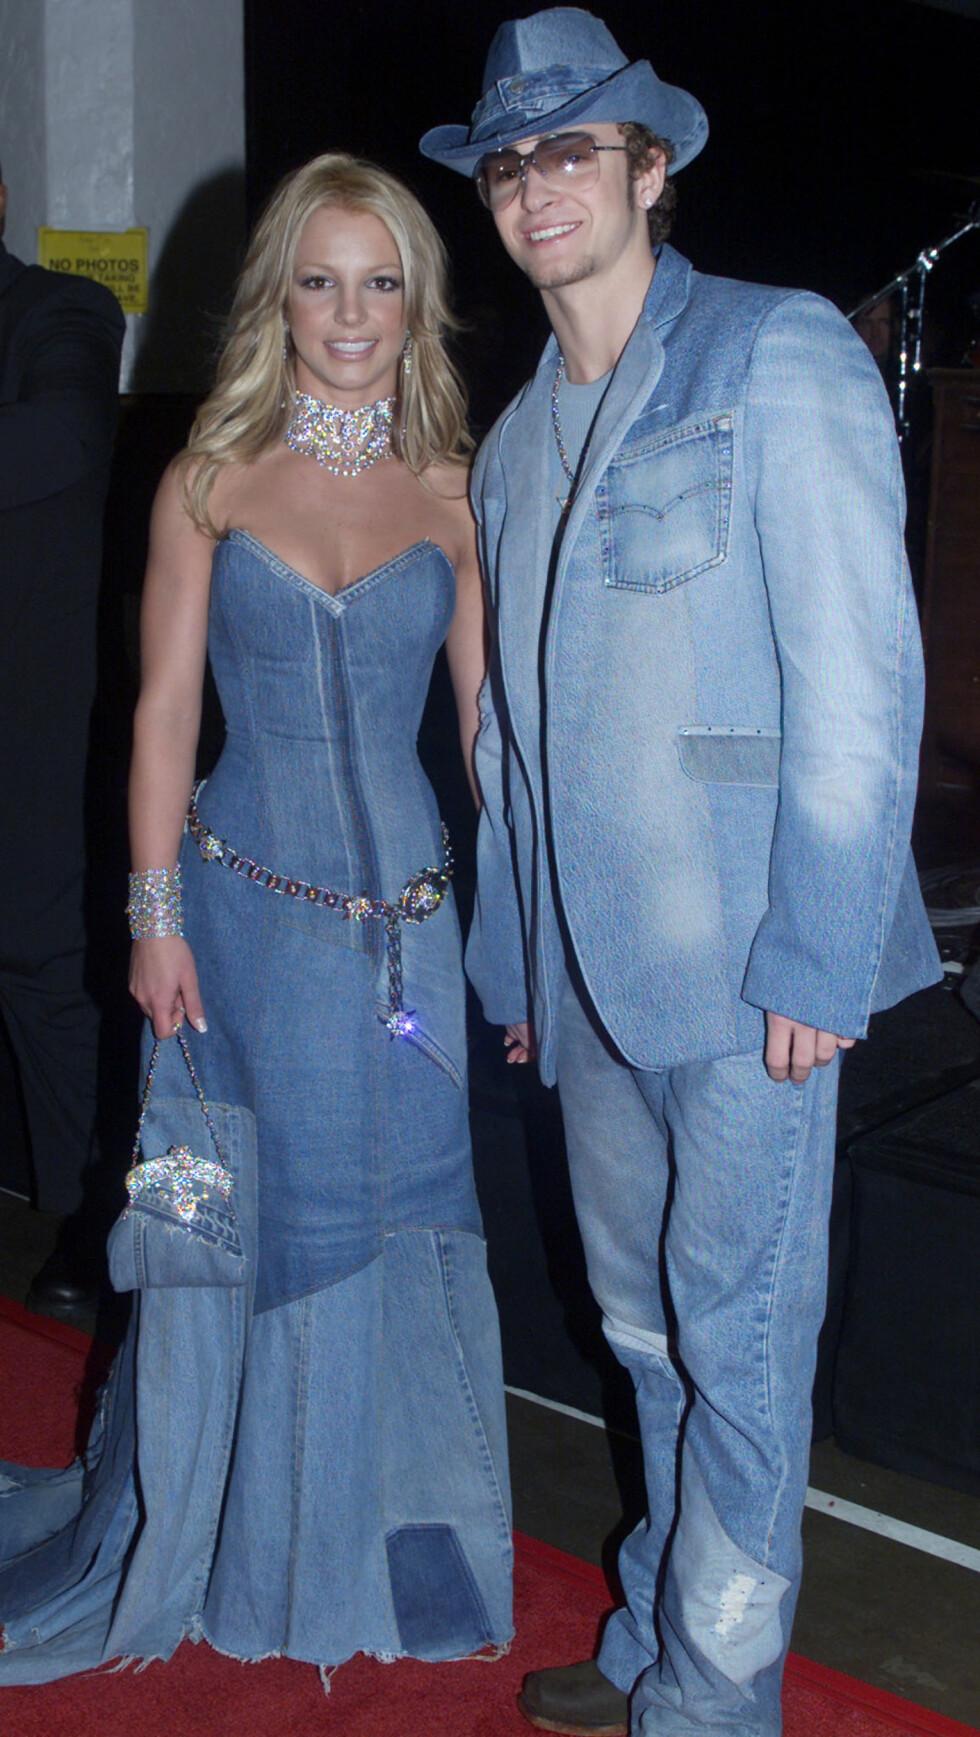 <strong>UFORGLEMMELIG:</strong> Britney Spears og Justin Timberlake fikk slakt da de stilte på rød løper under MTV Video Music Awards i dette matchende antrekket i januar 2001. Foto: REUTERS